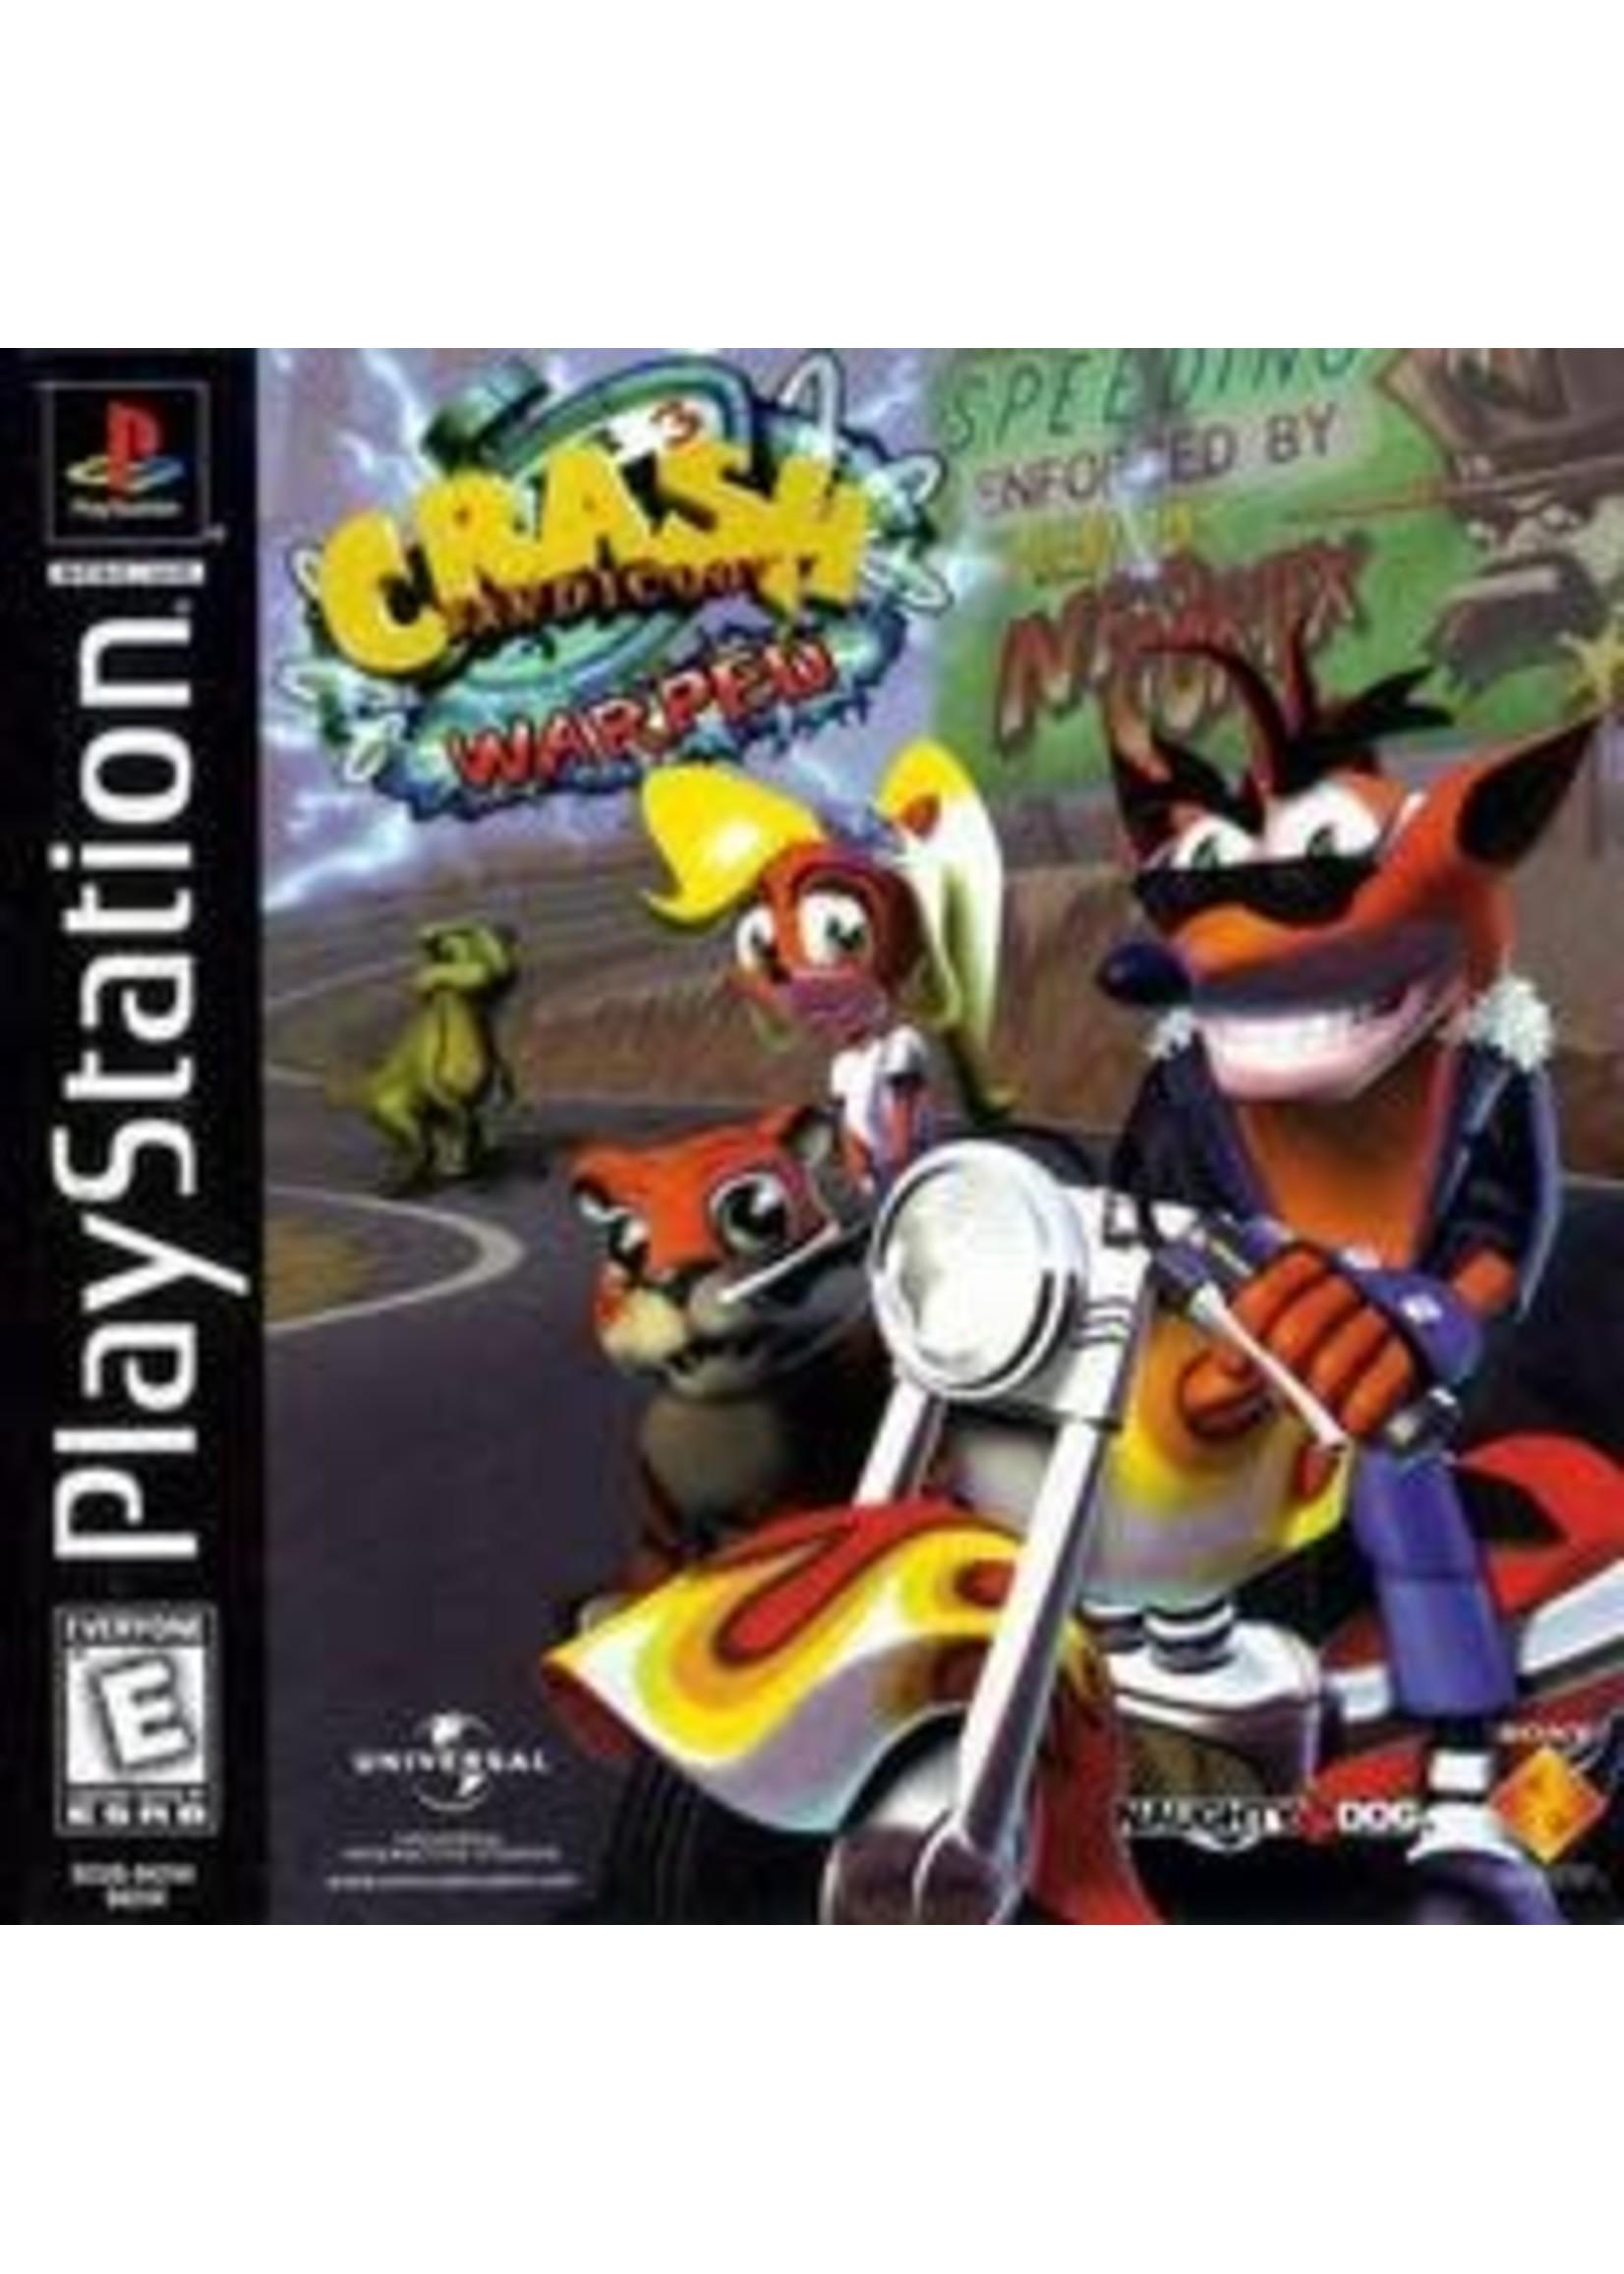 Crash Bandicoot Warped Playstation